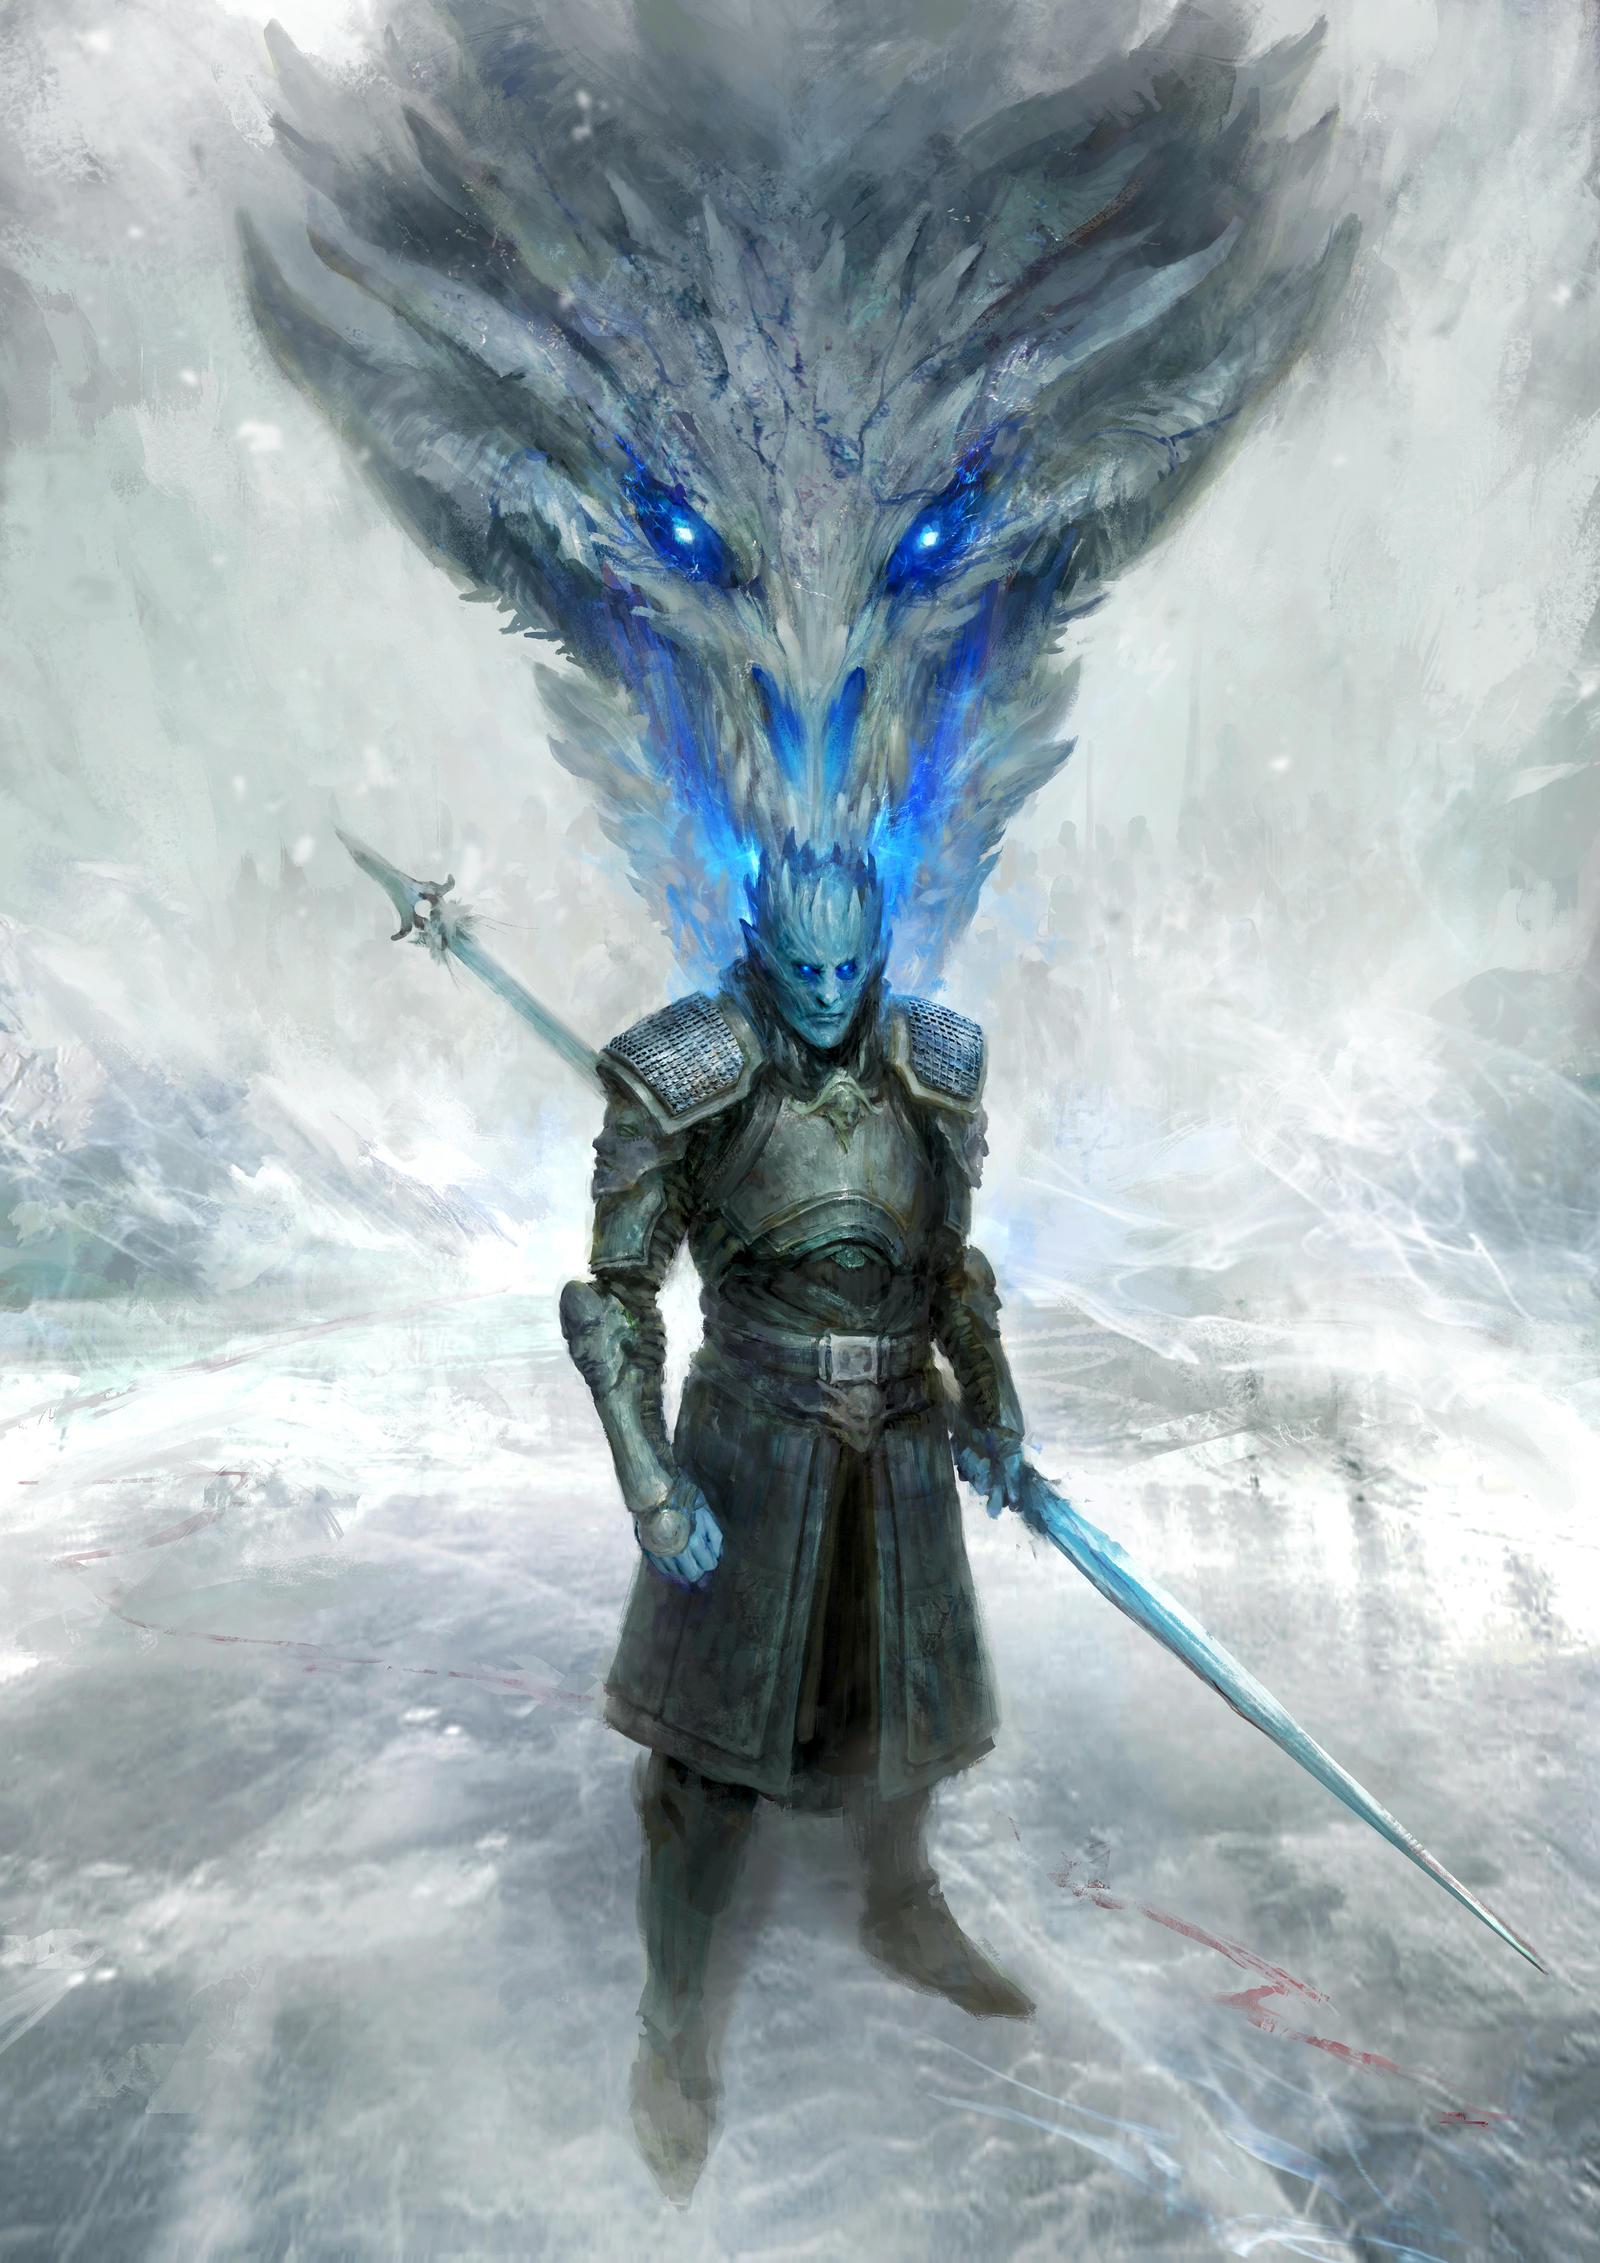 Game of Thrones: Winter's heeEEEEEeere by theDURRRRIAN